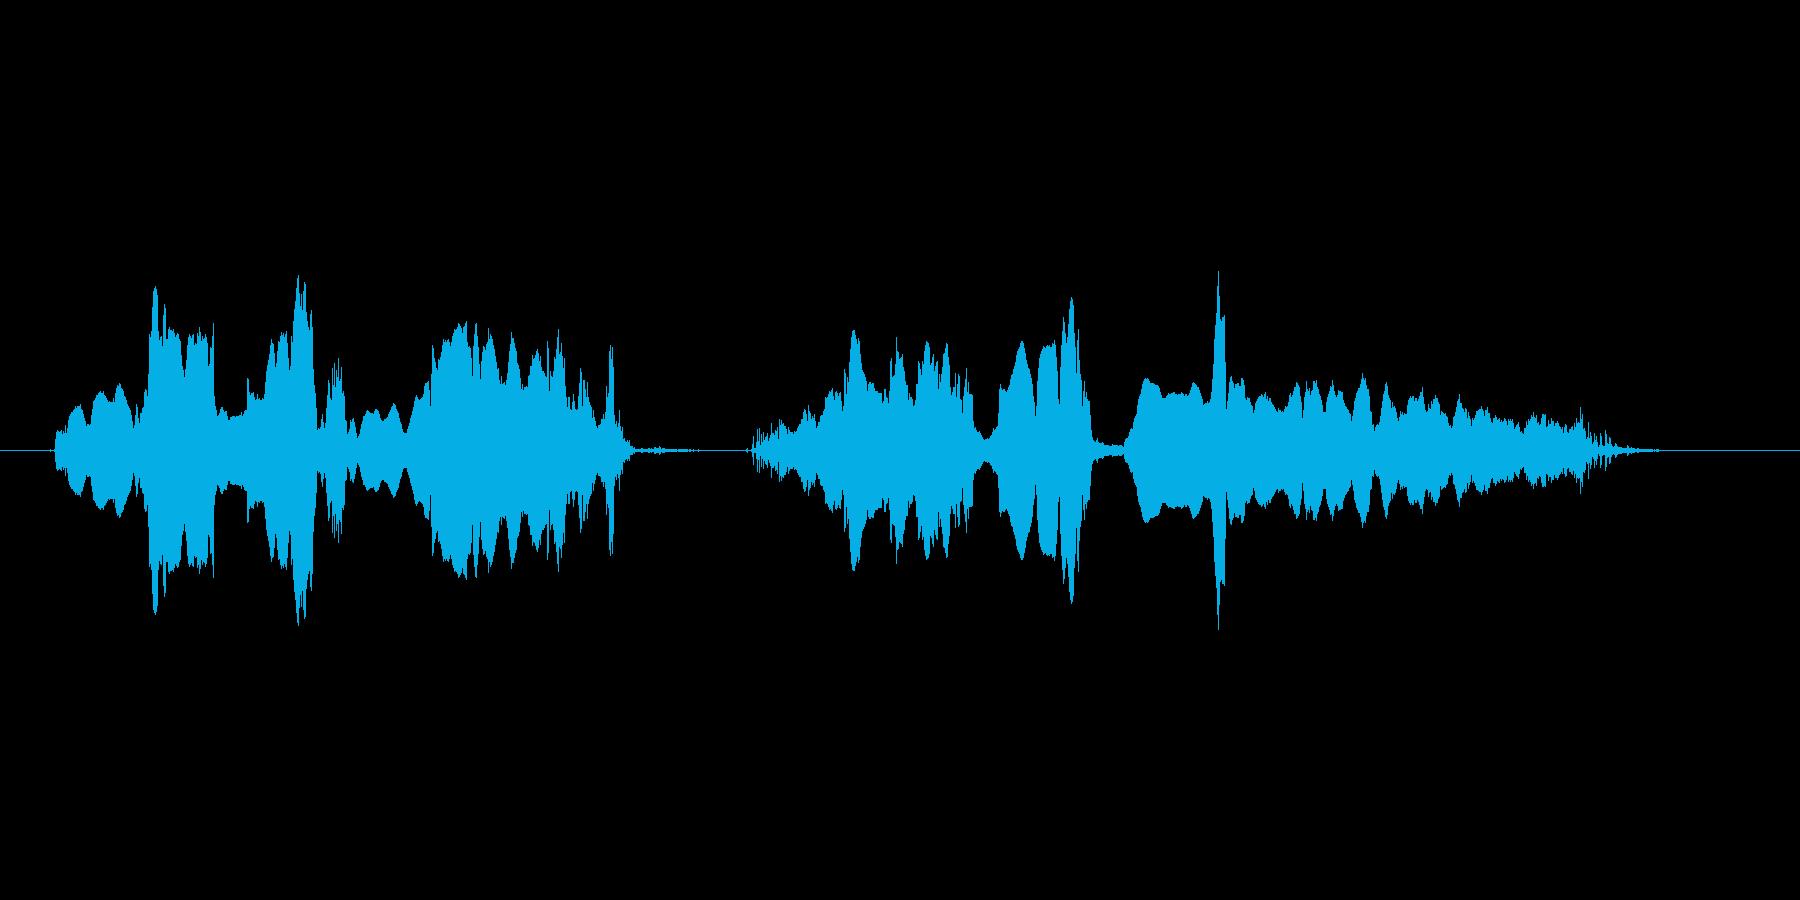 うらめしや〜うらめしや〜の再生済みの波形